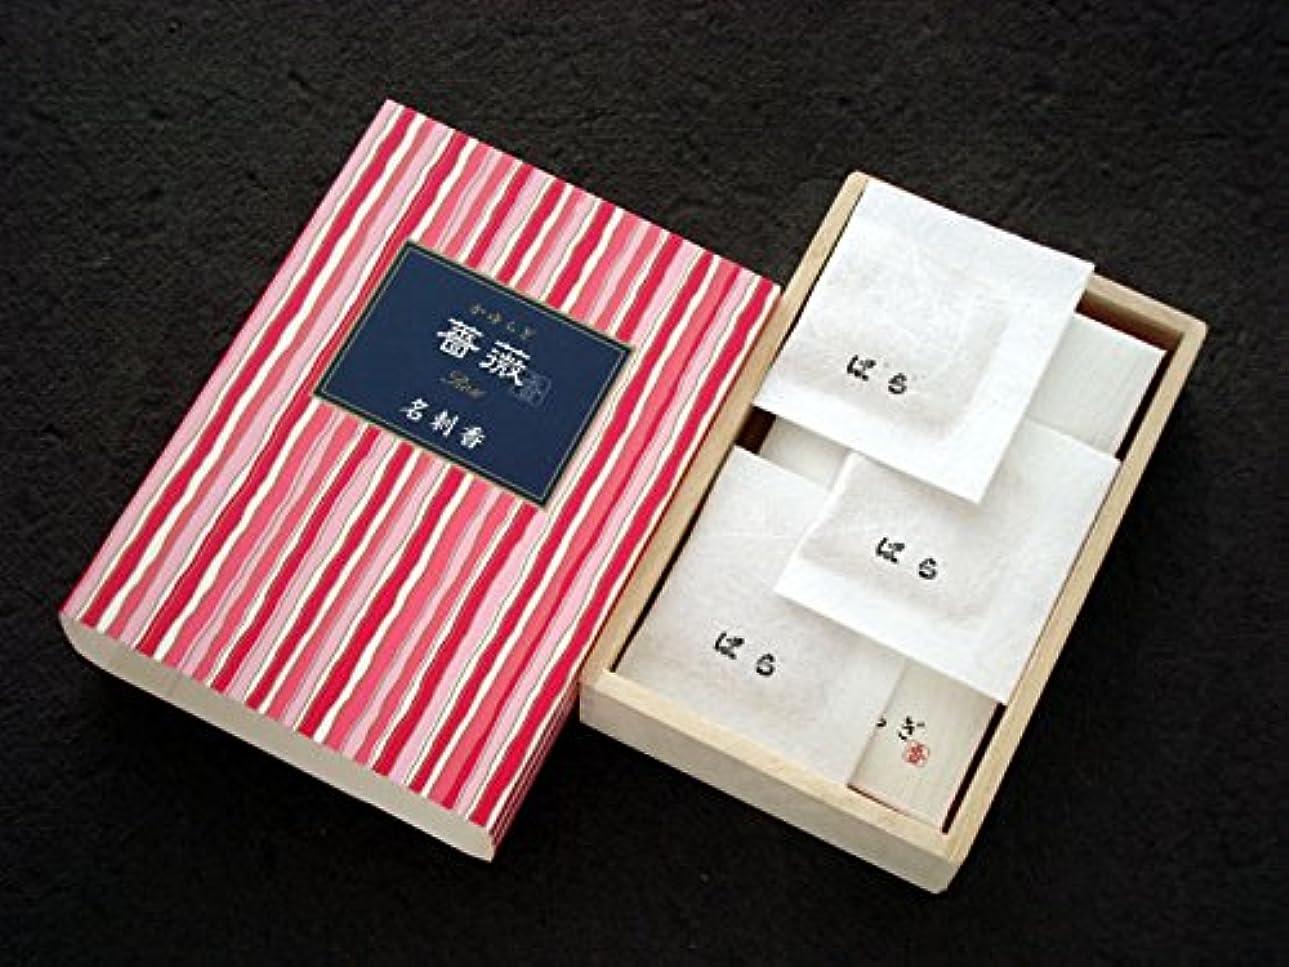 かゆらぎ 薔薇(ばら) 名刺香 桐箱6入